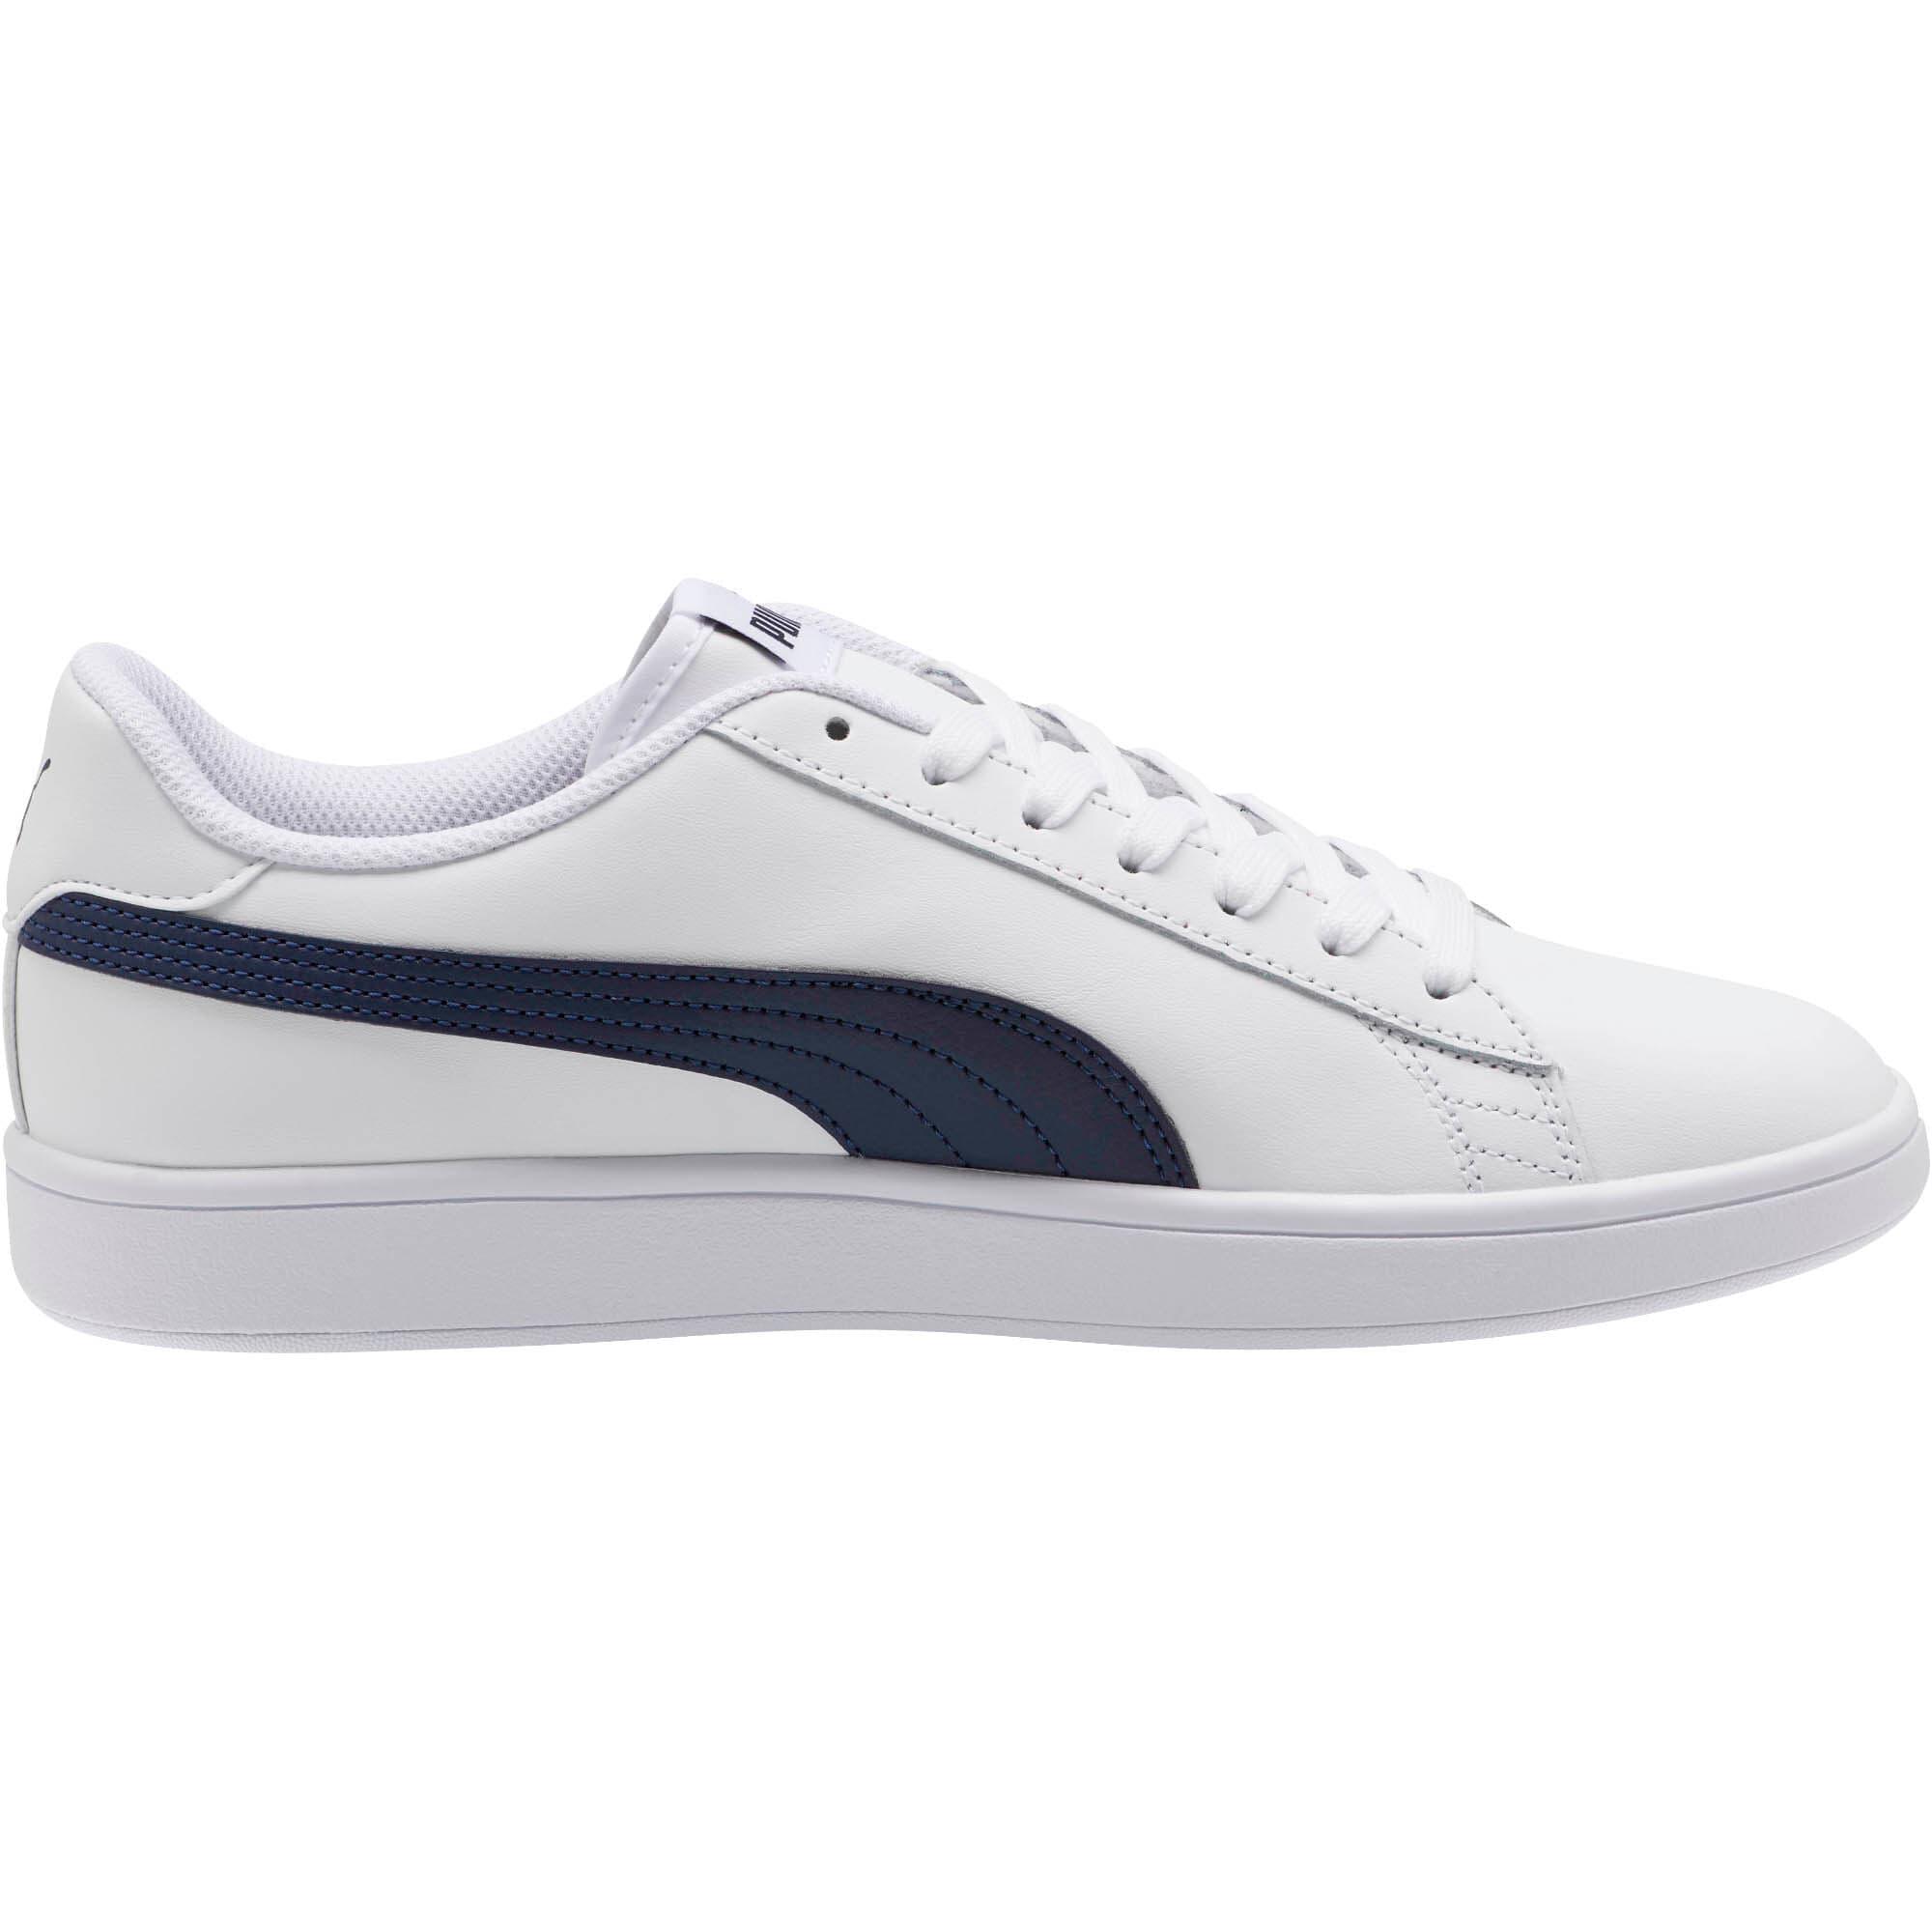 Miniatura 4 de Zapatos deportivosPUMA Smash v2, Puma White-Peacoat, mediano